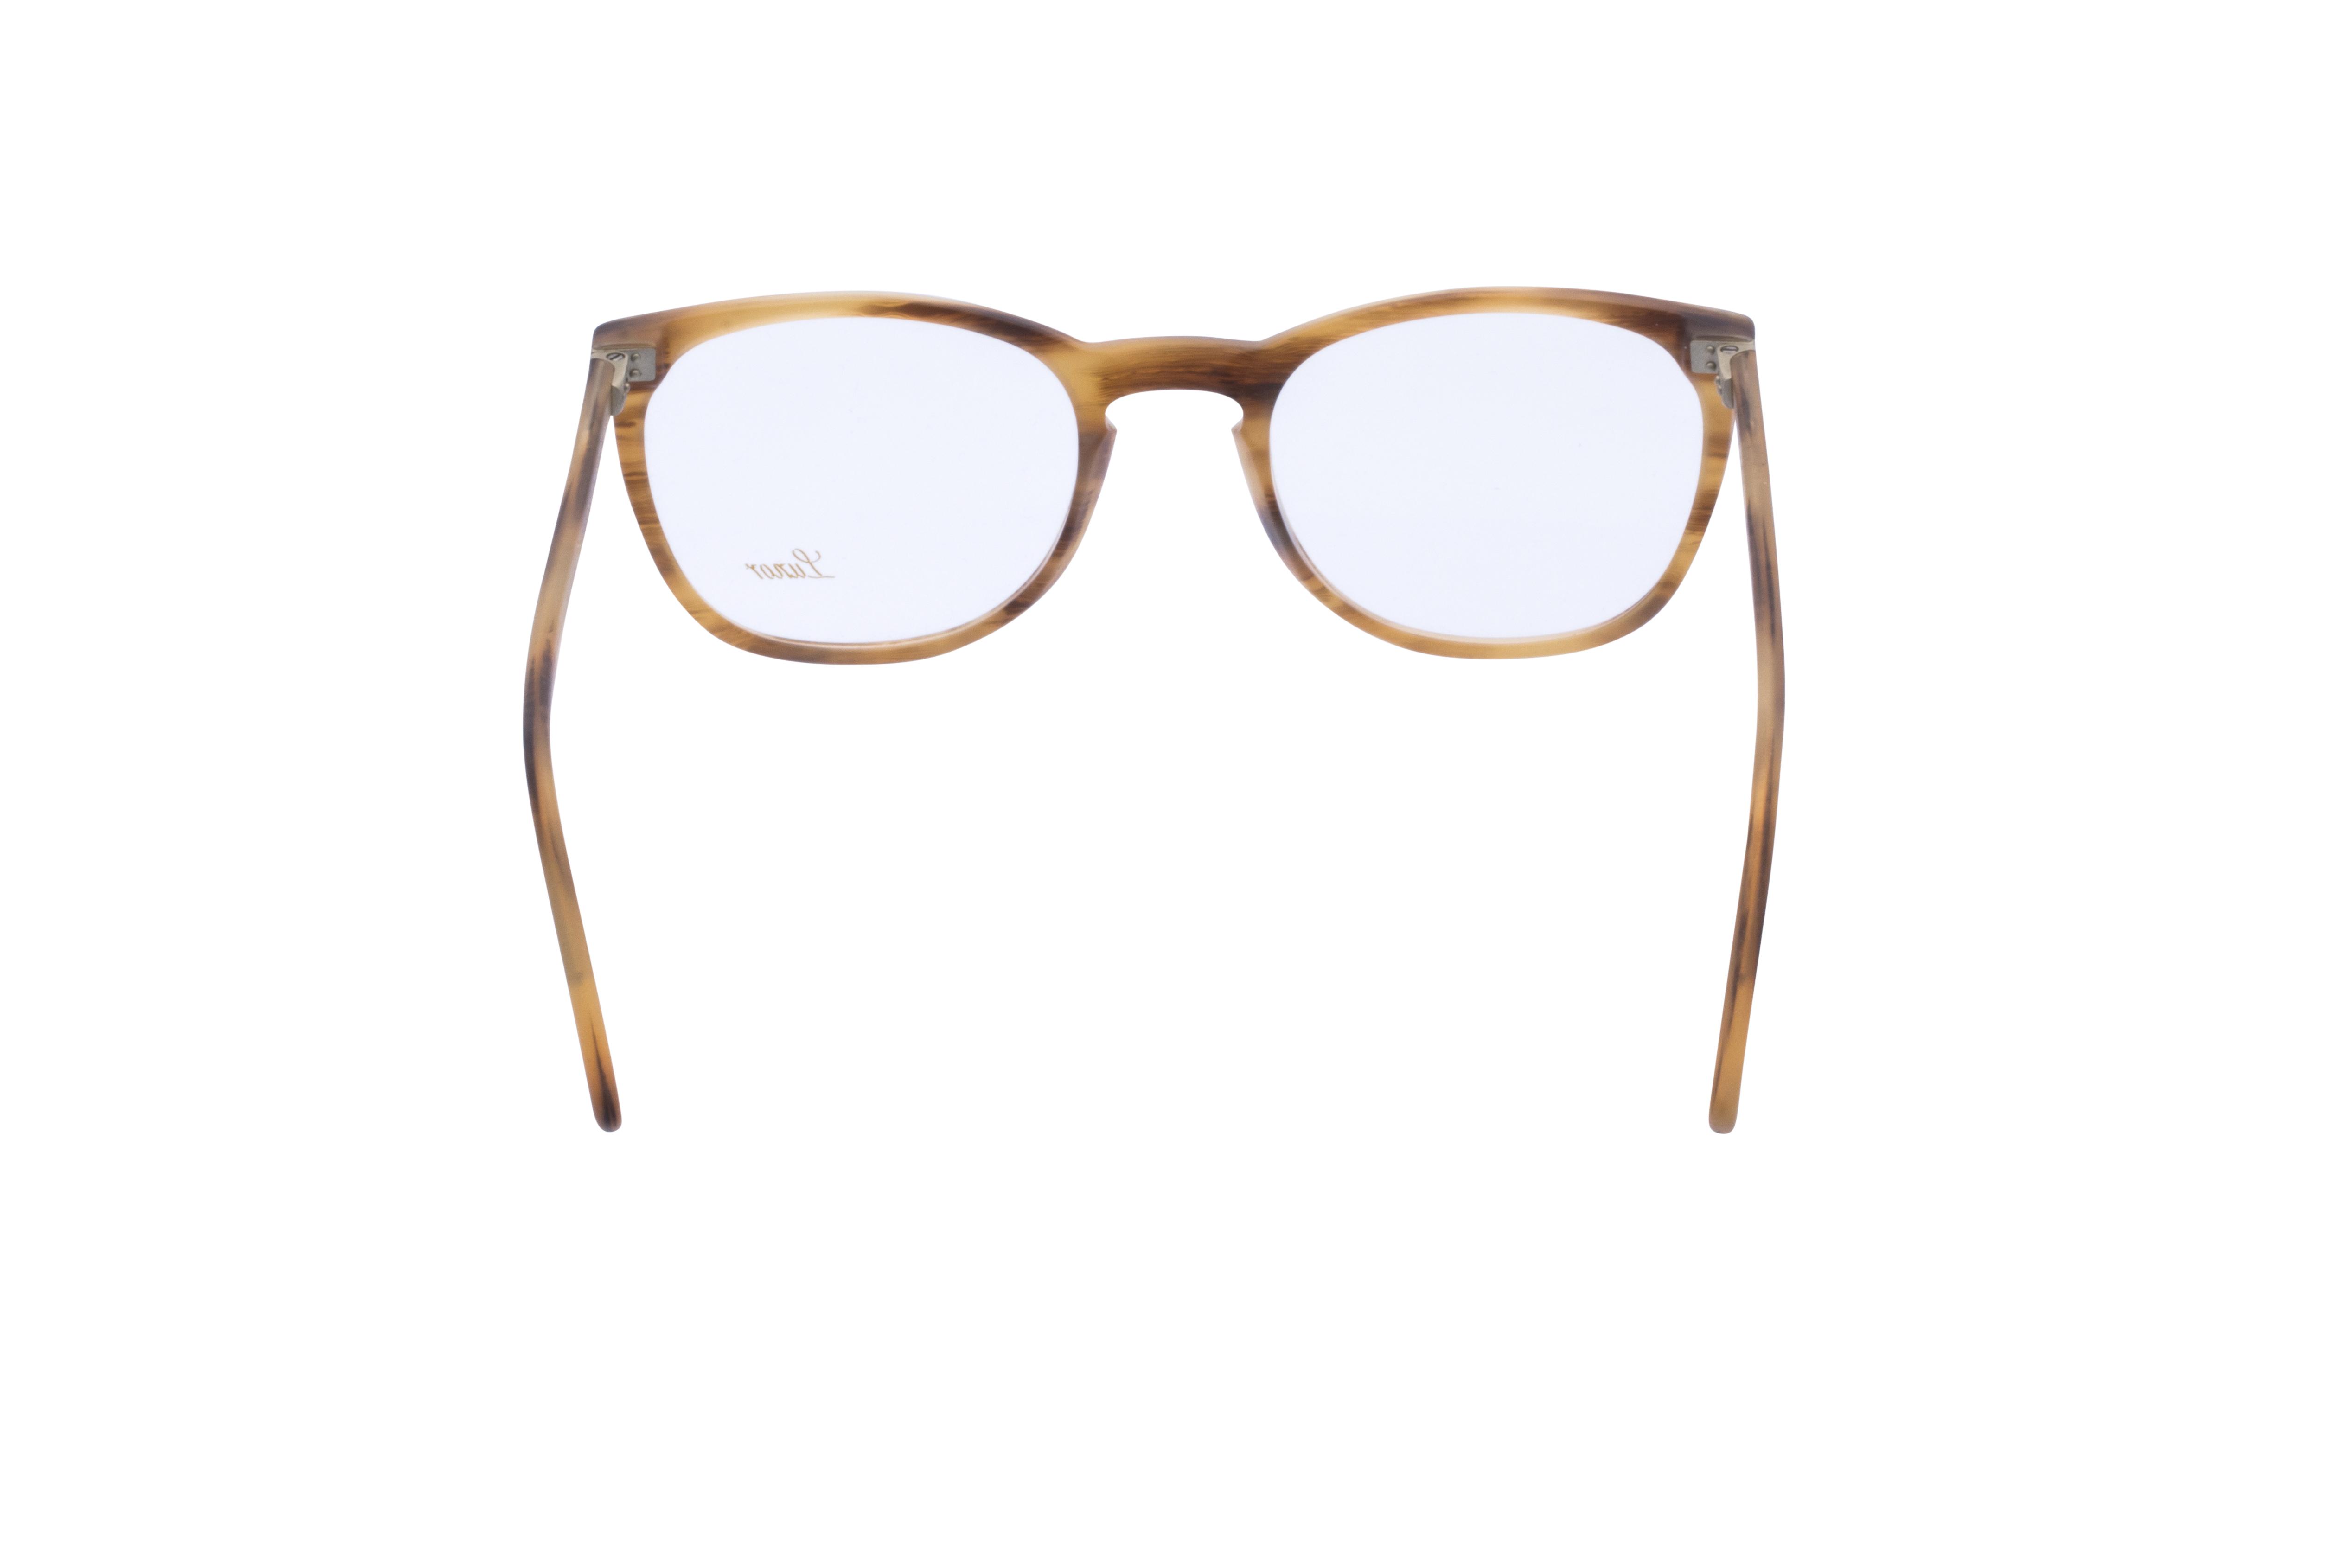 360 Grad Ansicht 12 Lunor 312, Brille auf Weiß - Fassung bei KUNK